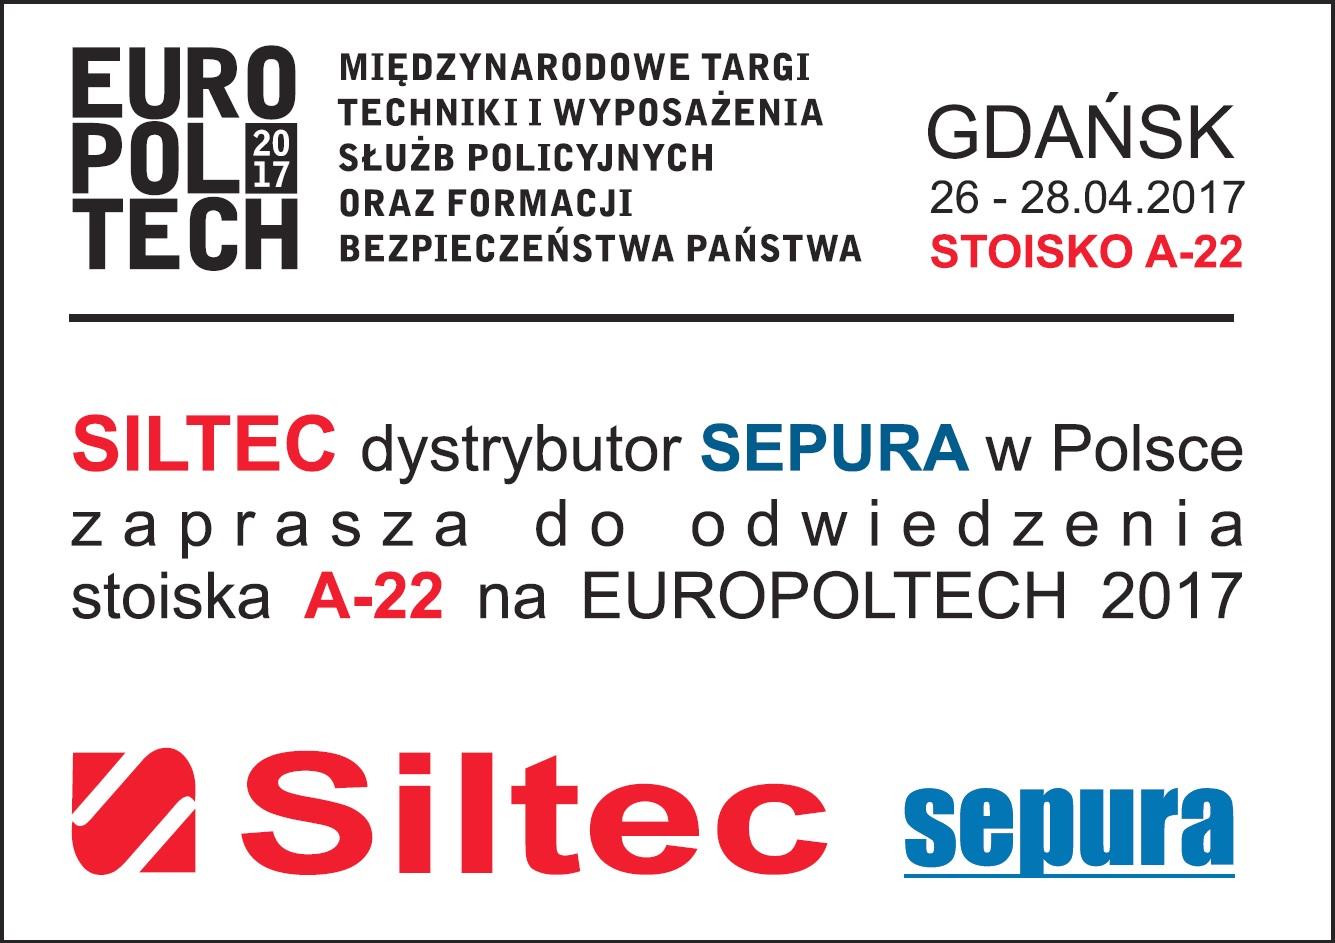 Europoltech-2017-Siltec-zaproszenie